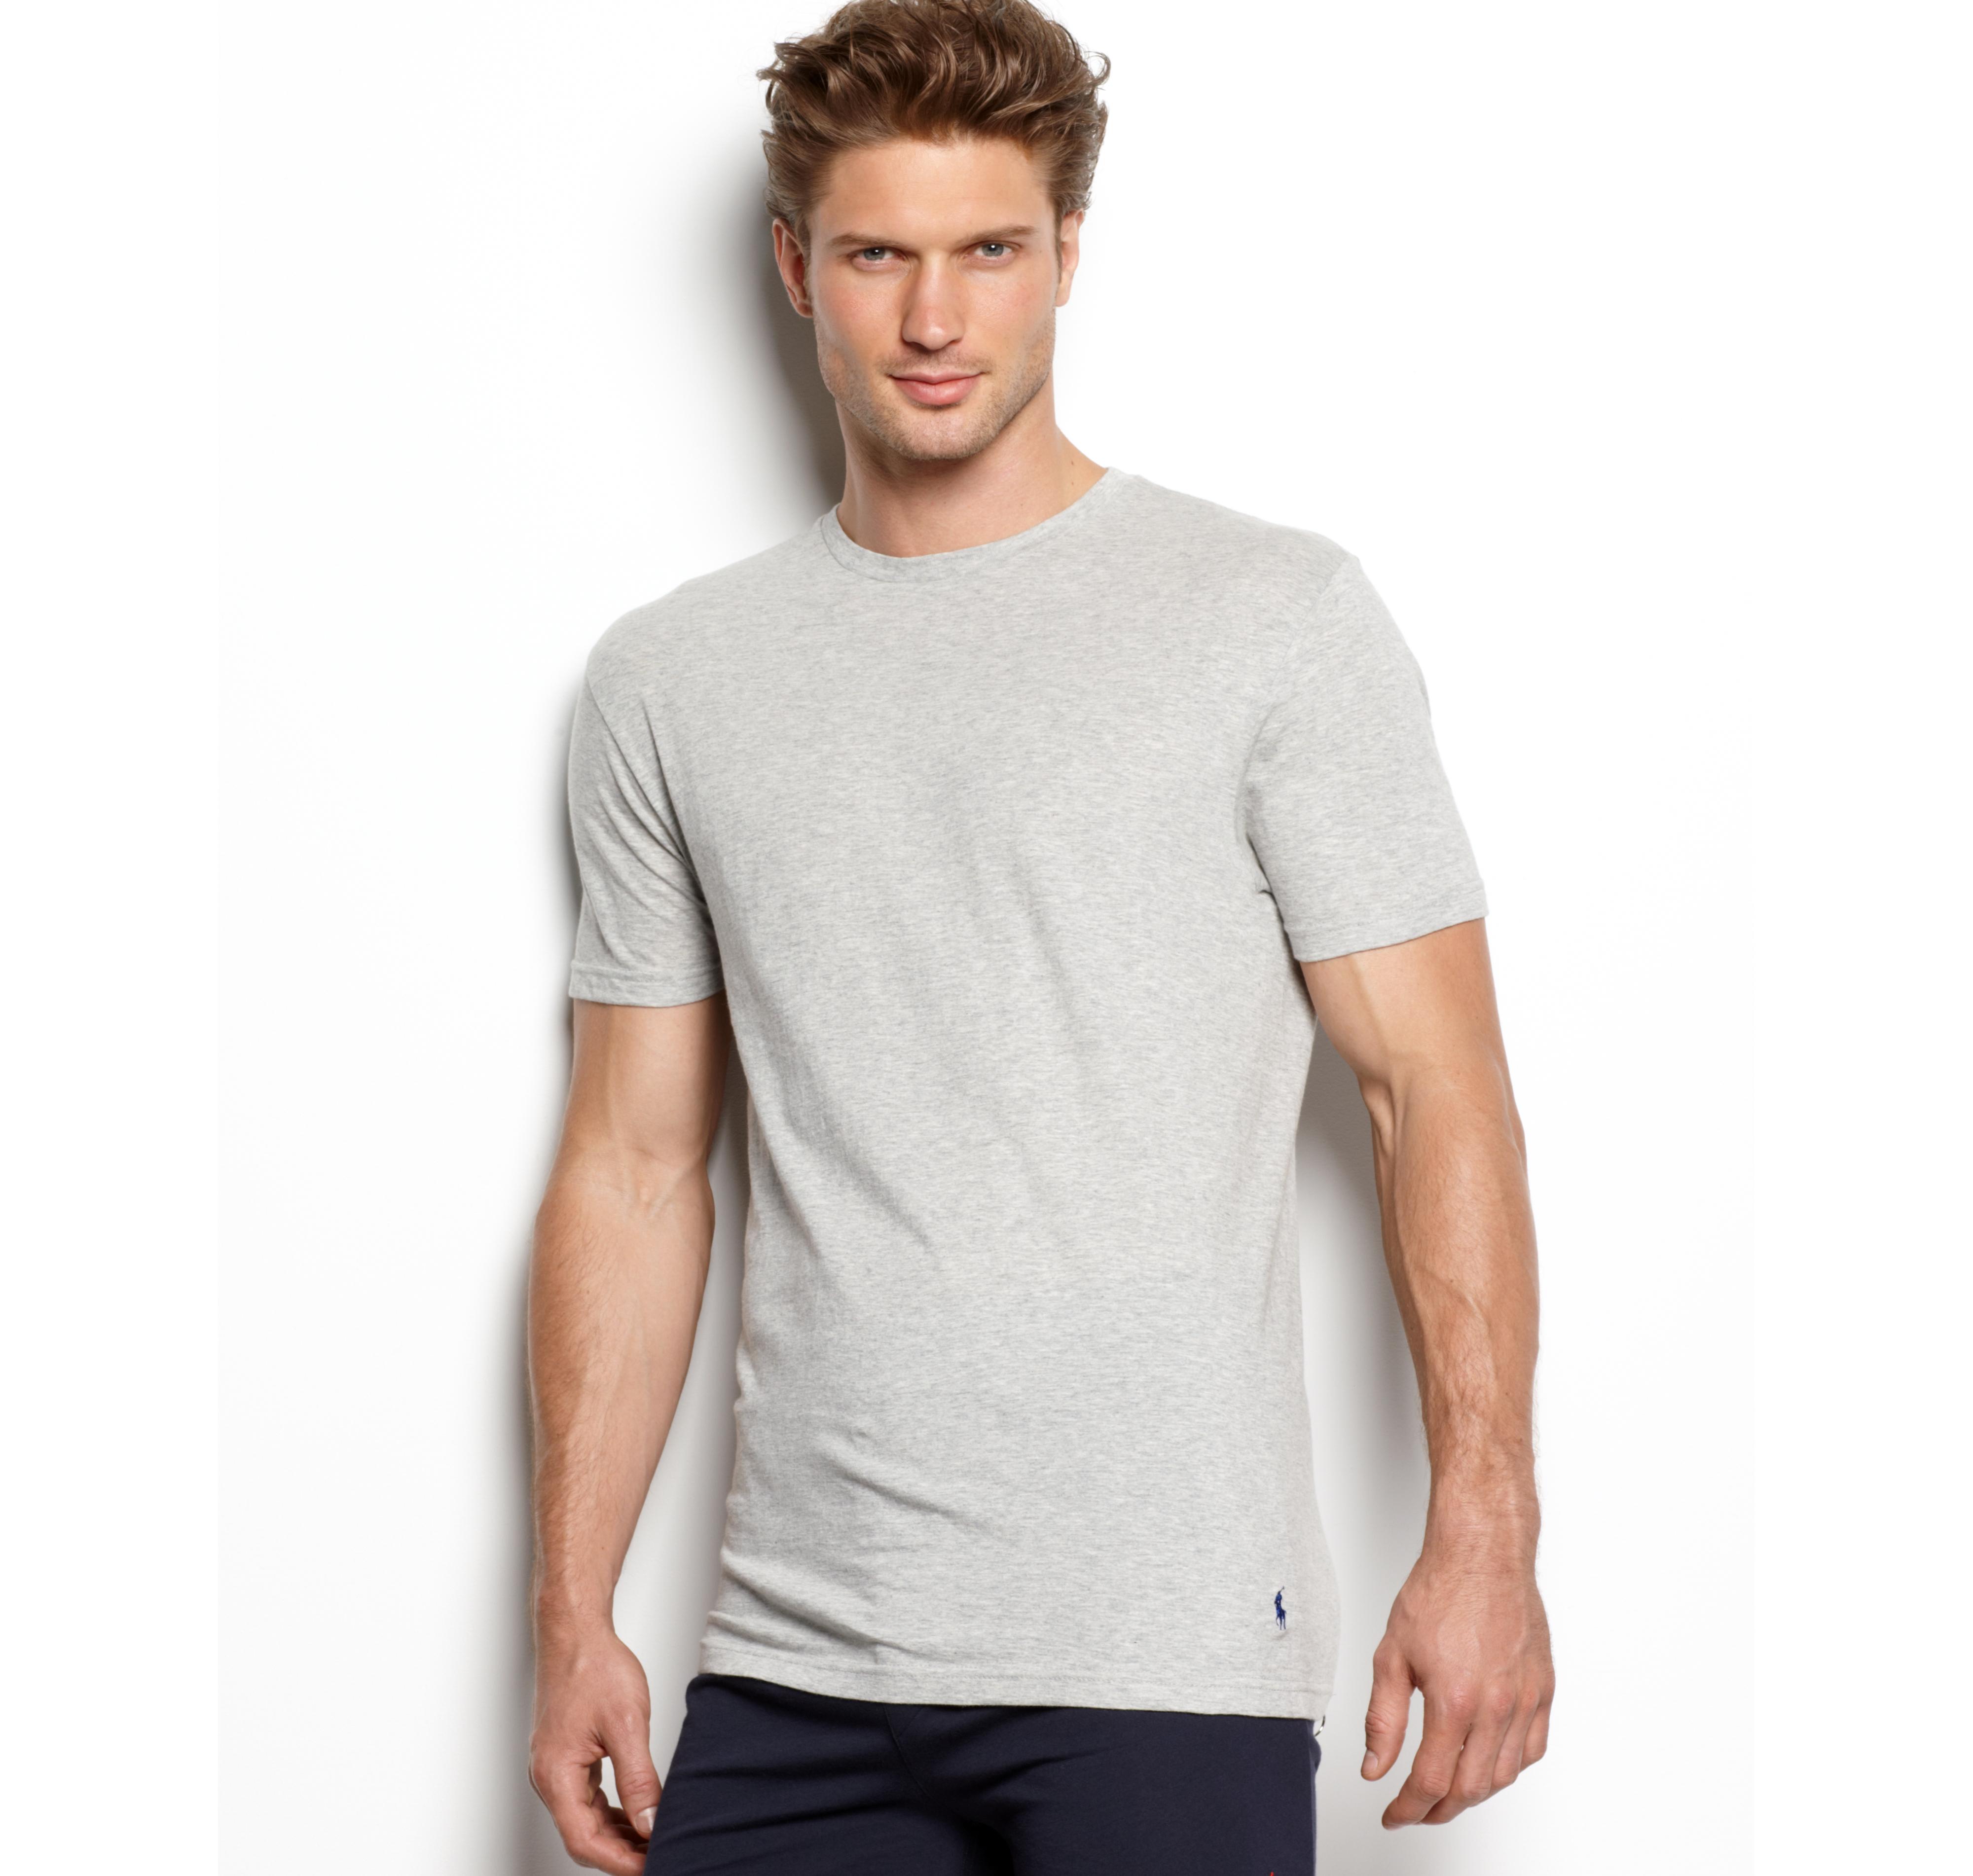 Men's Undershirt, Slim Fit Classic Cotton Crews 3 Pack